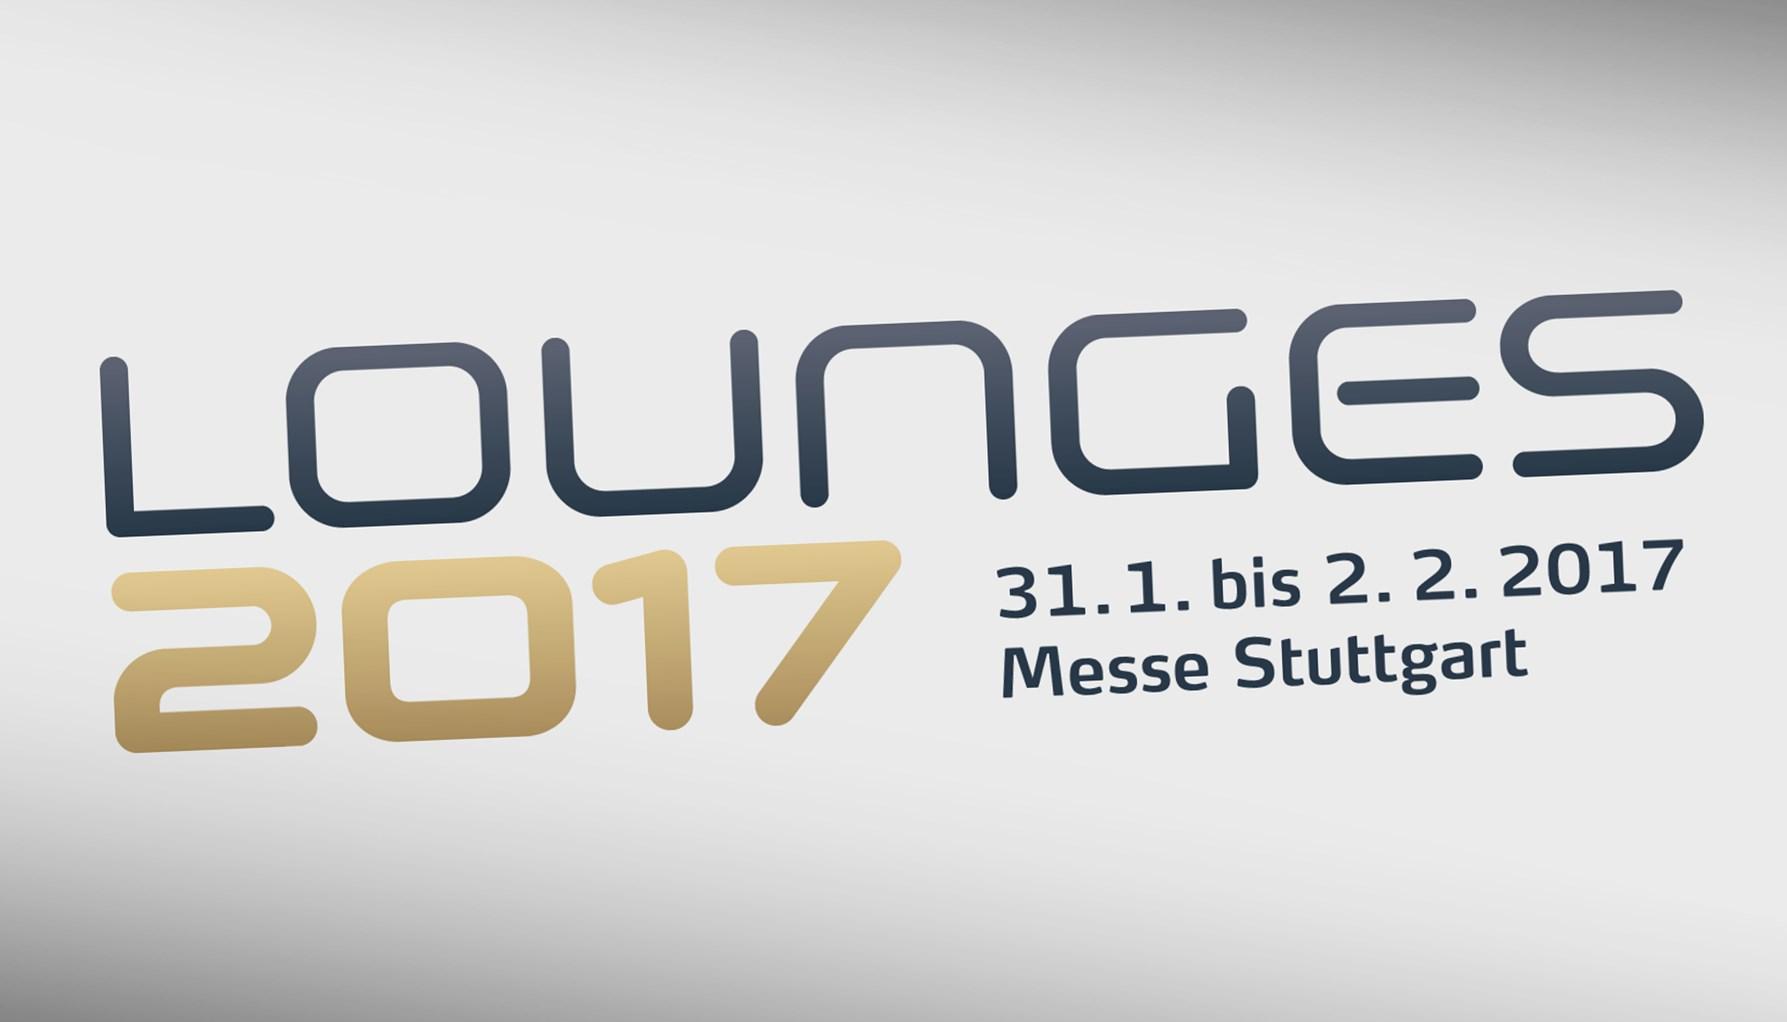 InfraSolution AG als Aussteller auf der Lounges 2017 in Stuttgart